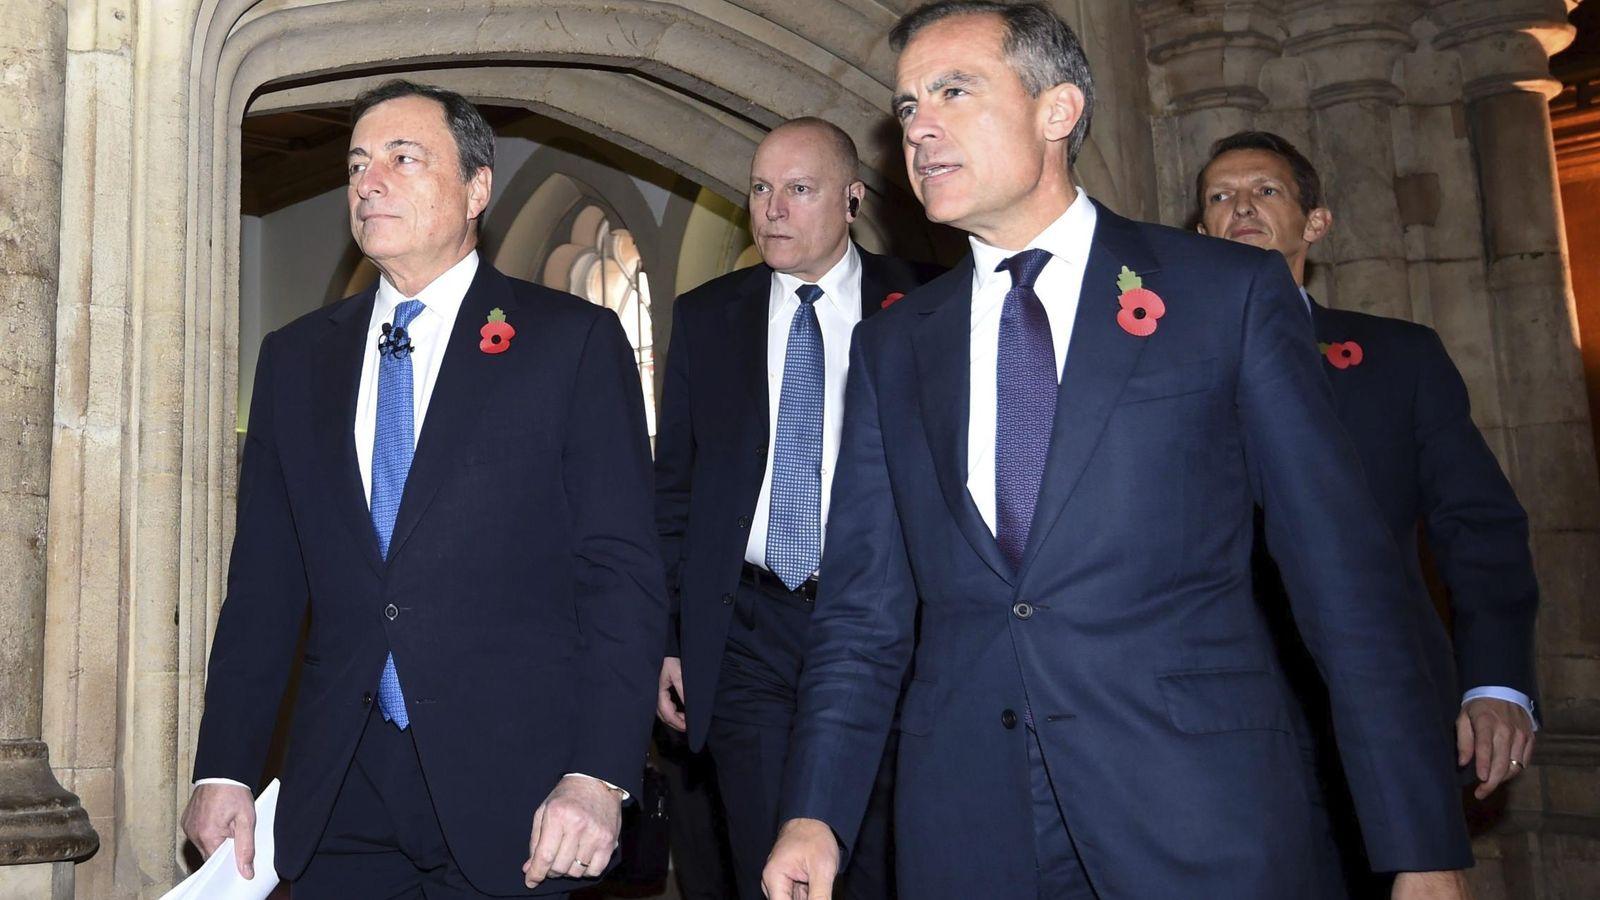 Foto: El presidente del Banco Central Europeo, Mario Draghi (i) y el gobernador del banco de Inglaterra, Mark Carney. (EFE)